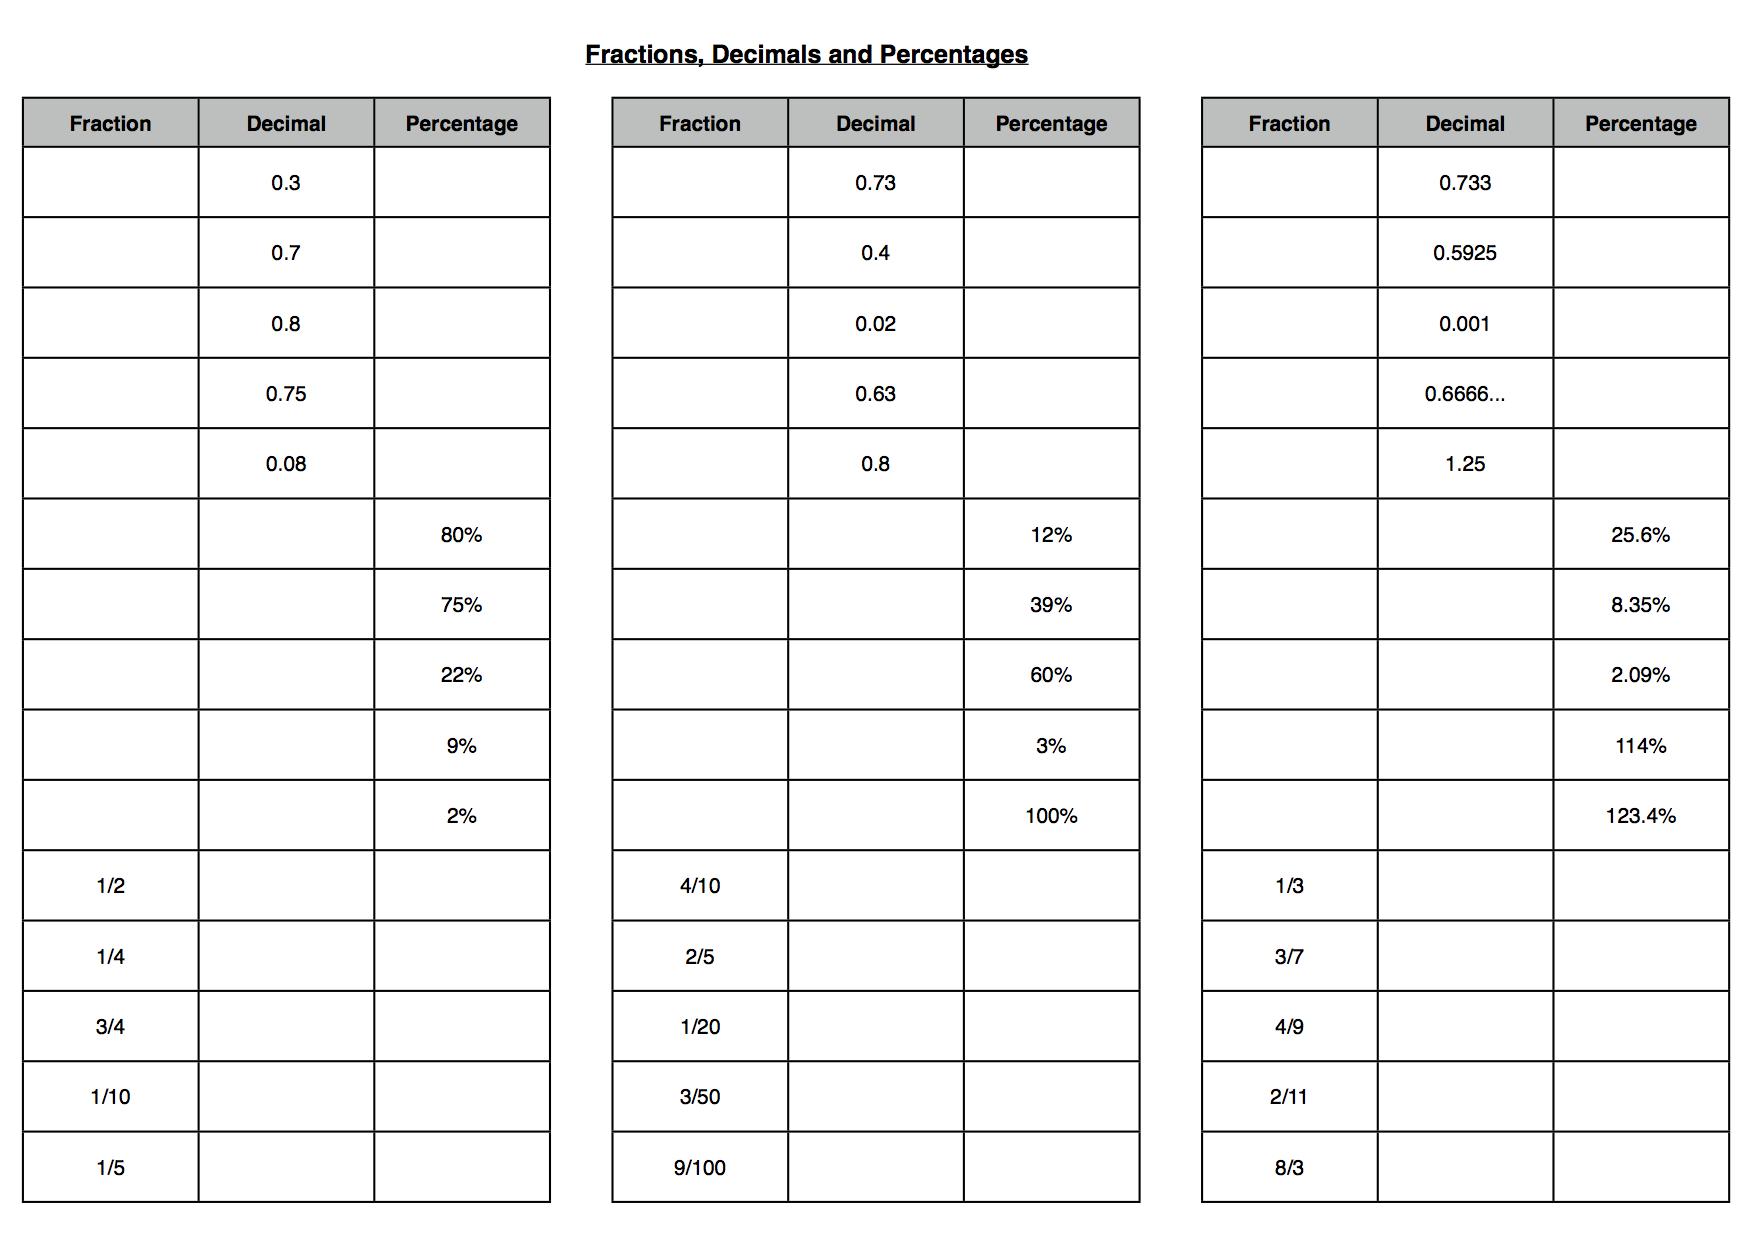 Decimal Fraction Percentage Worksheet The Best Worksheets Image